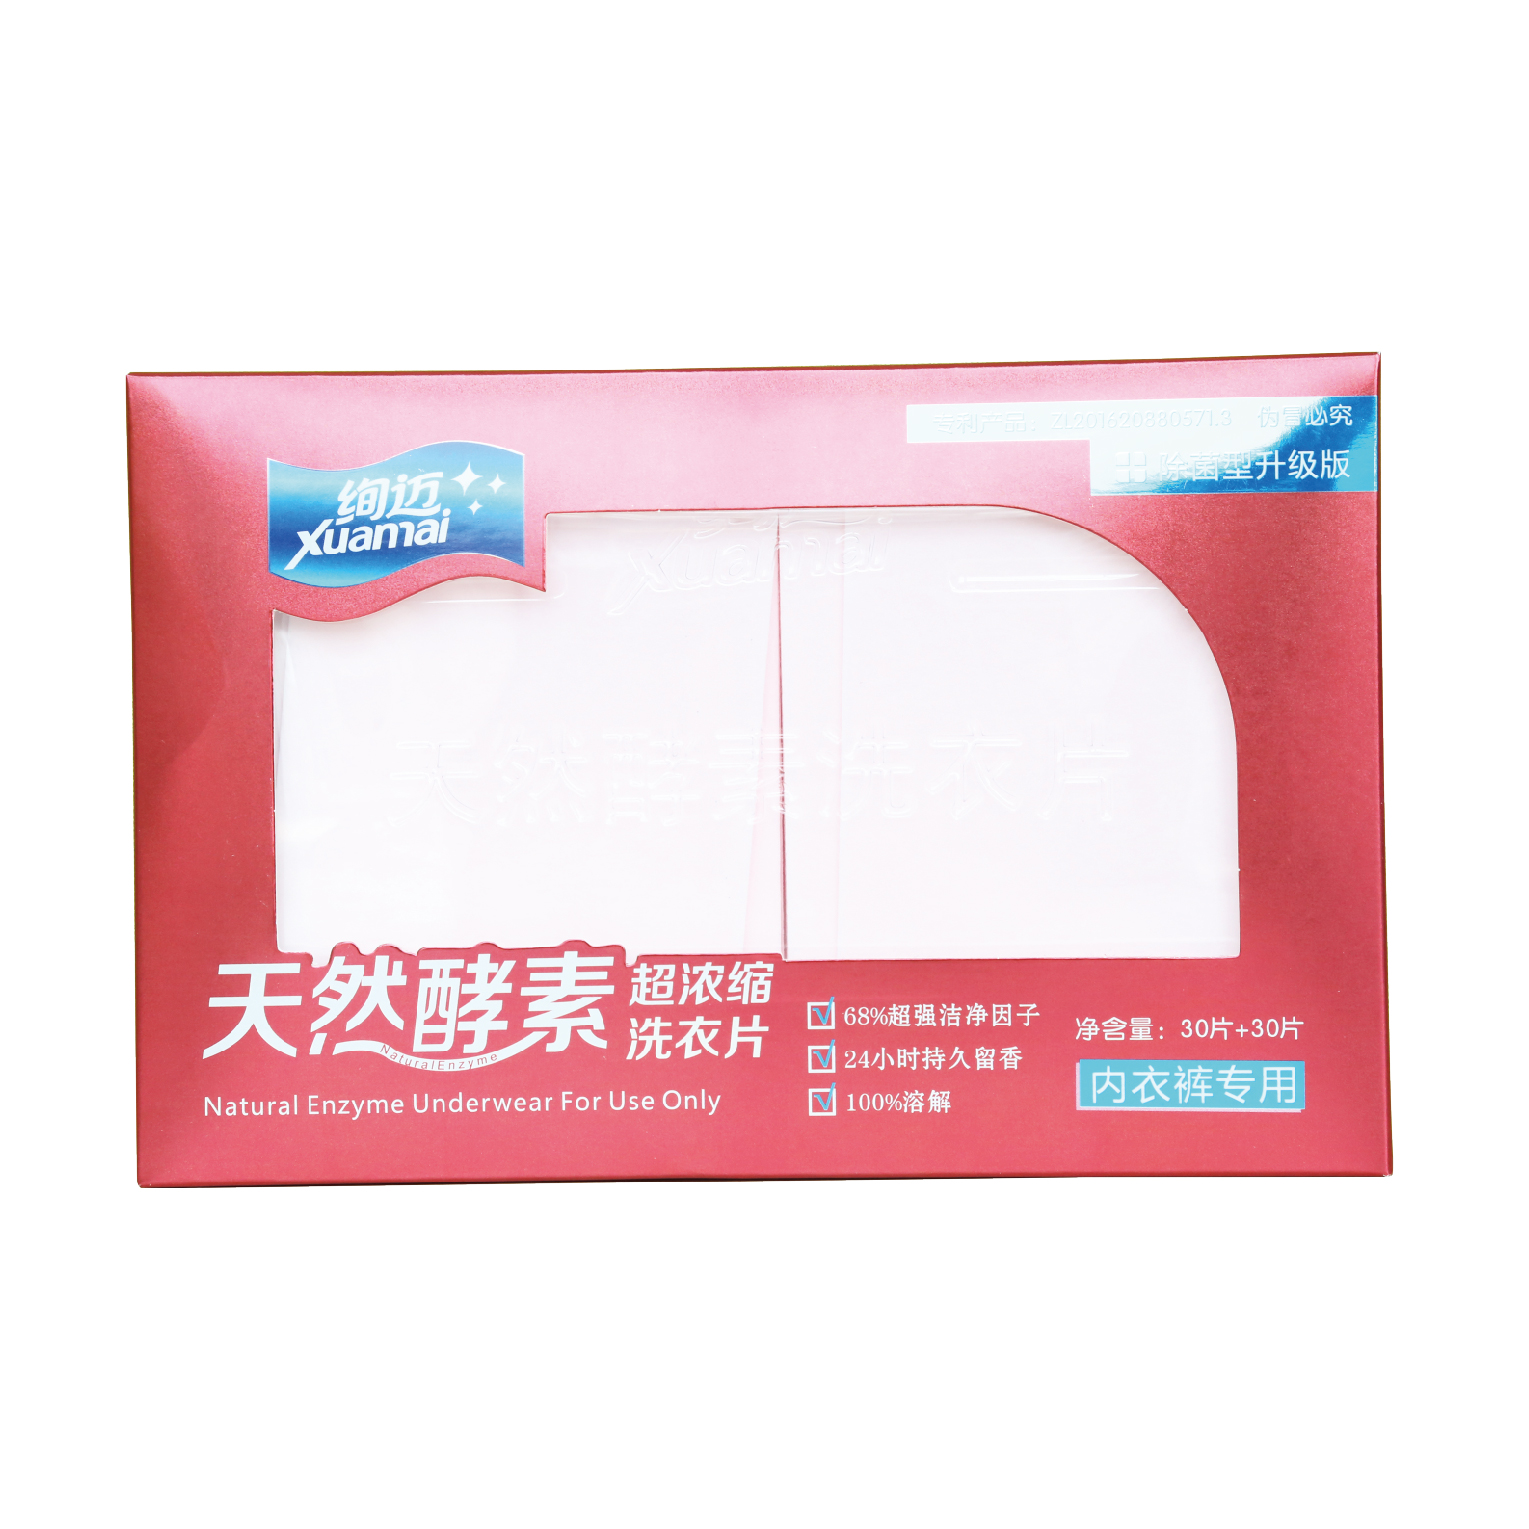 绚迈天然酵素洗衣片(内衣专用)*4盒装